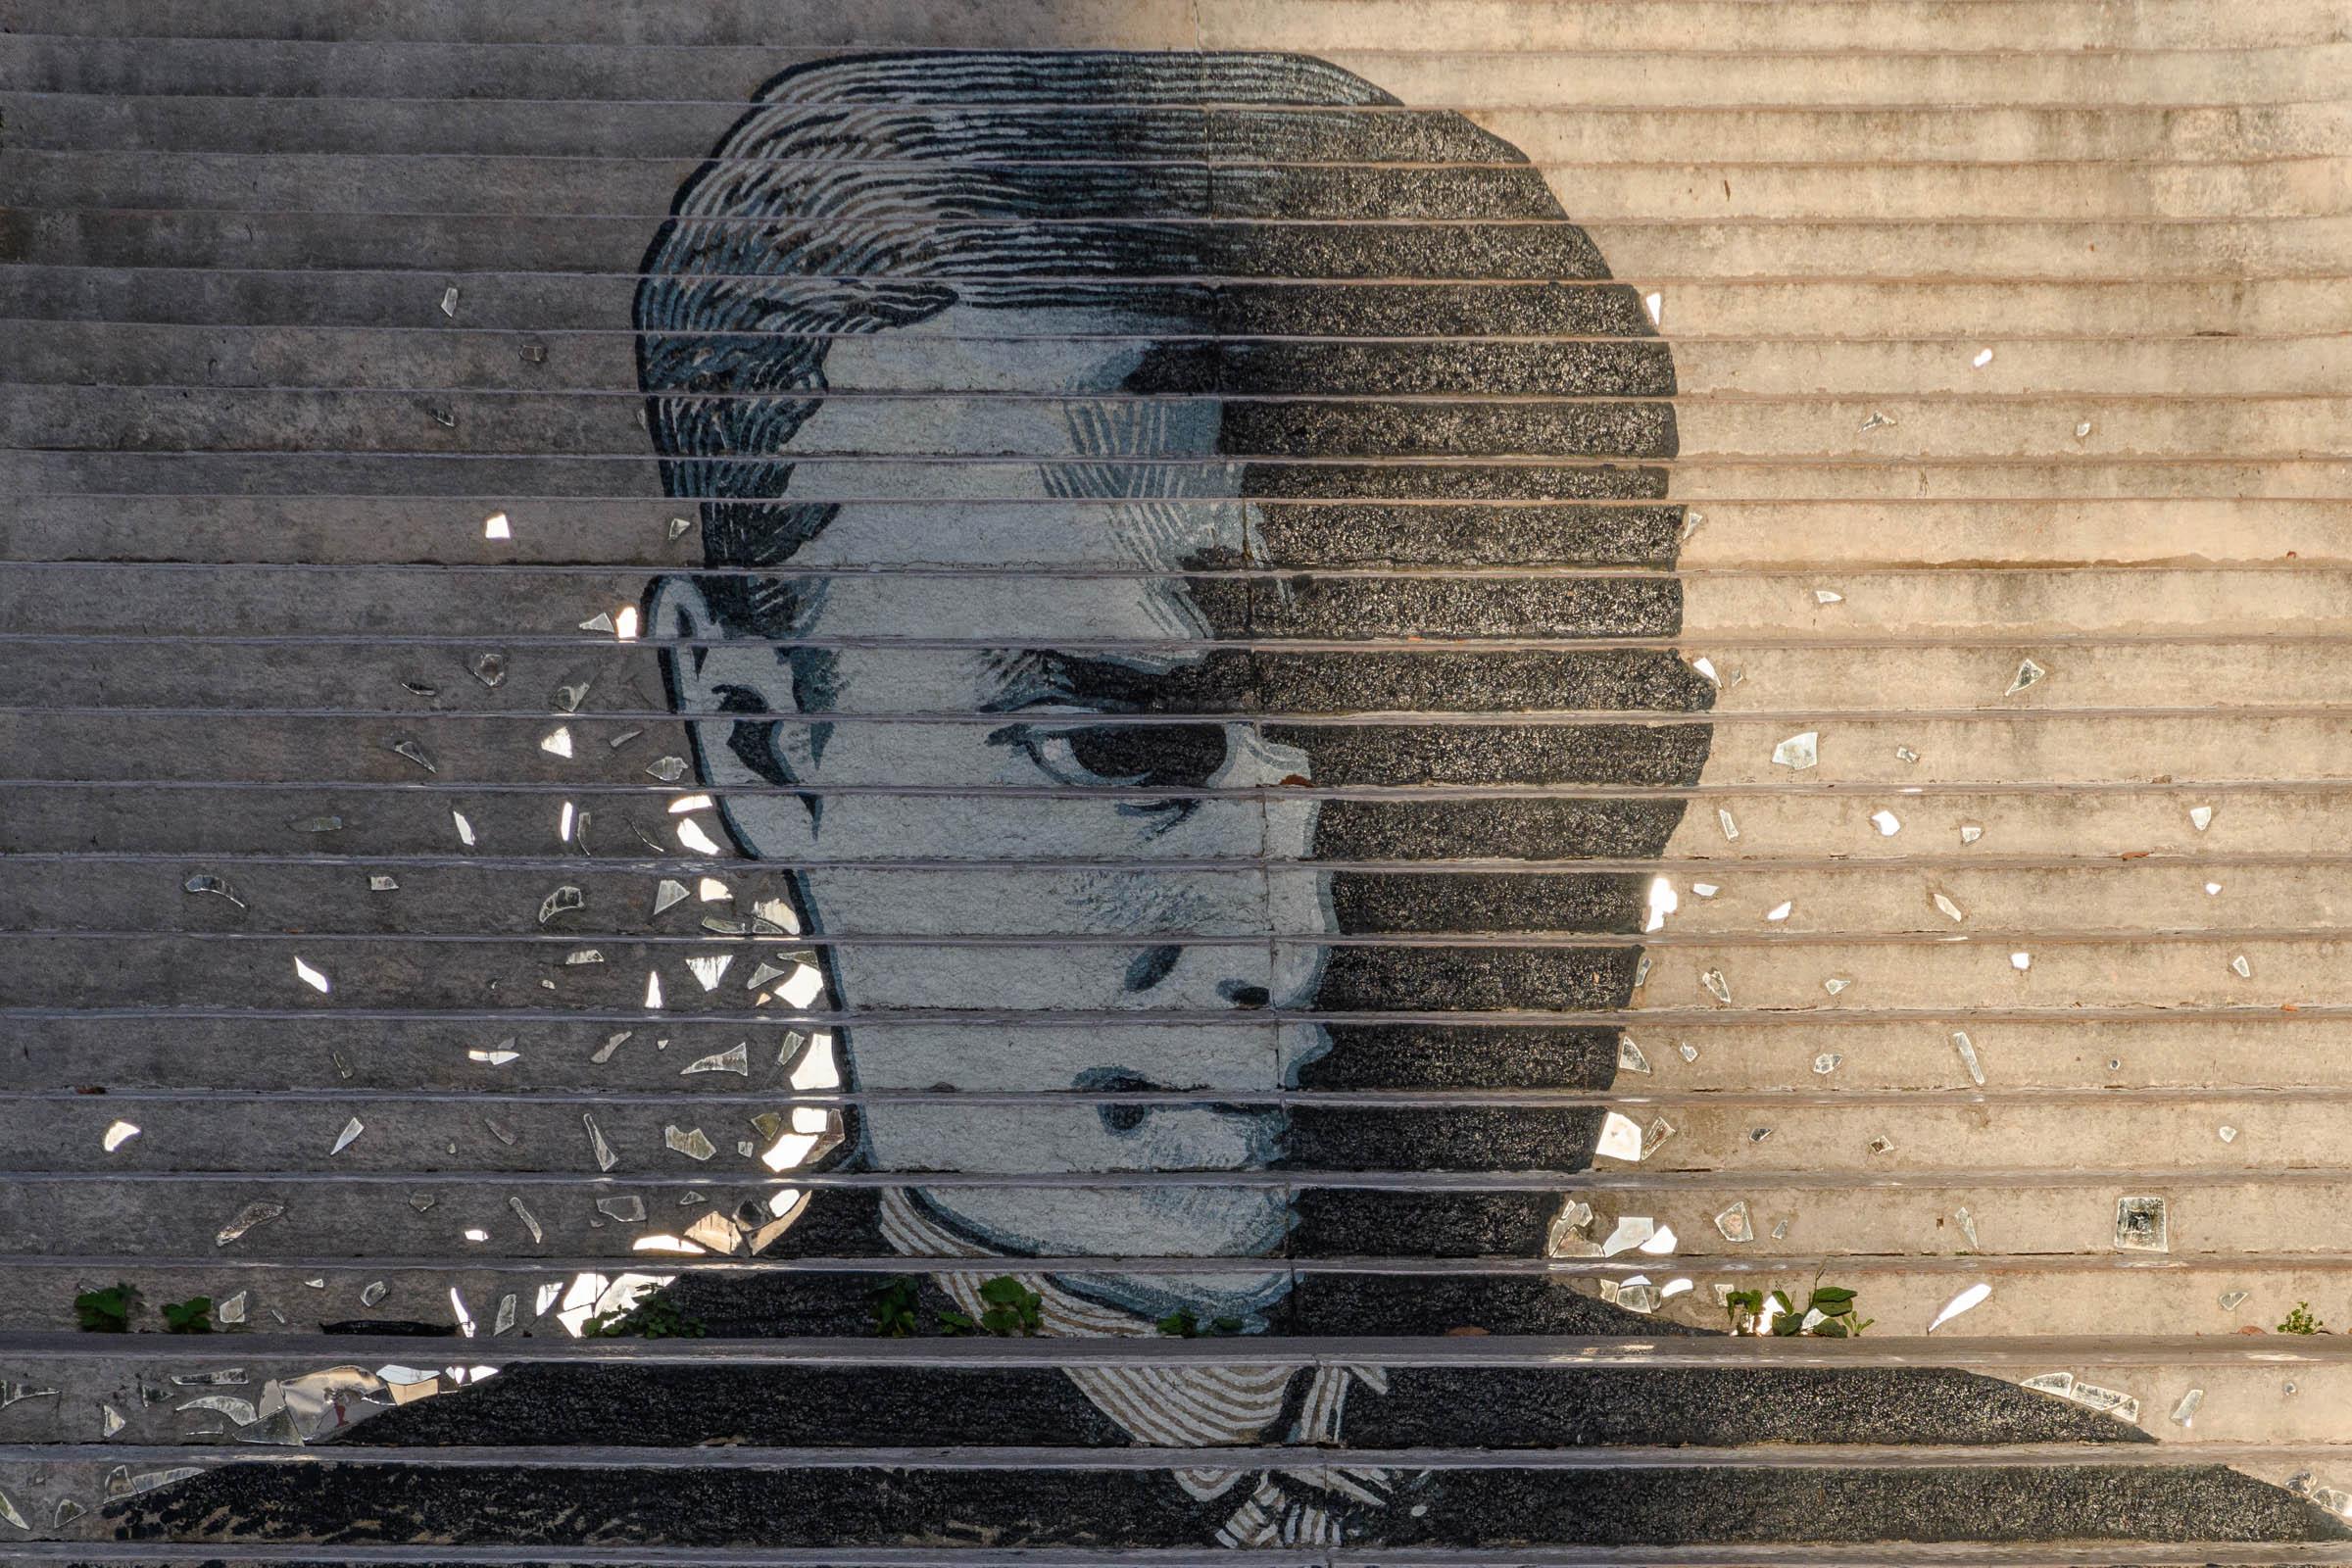 Vid Sajko: Grafit stopnice